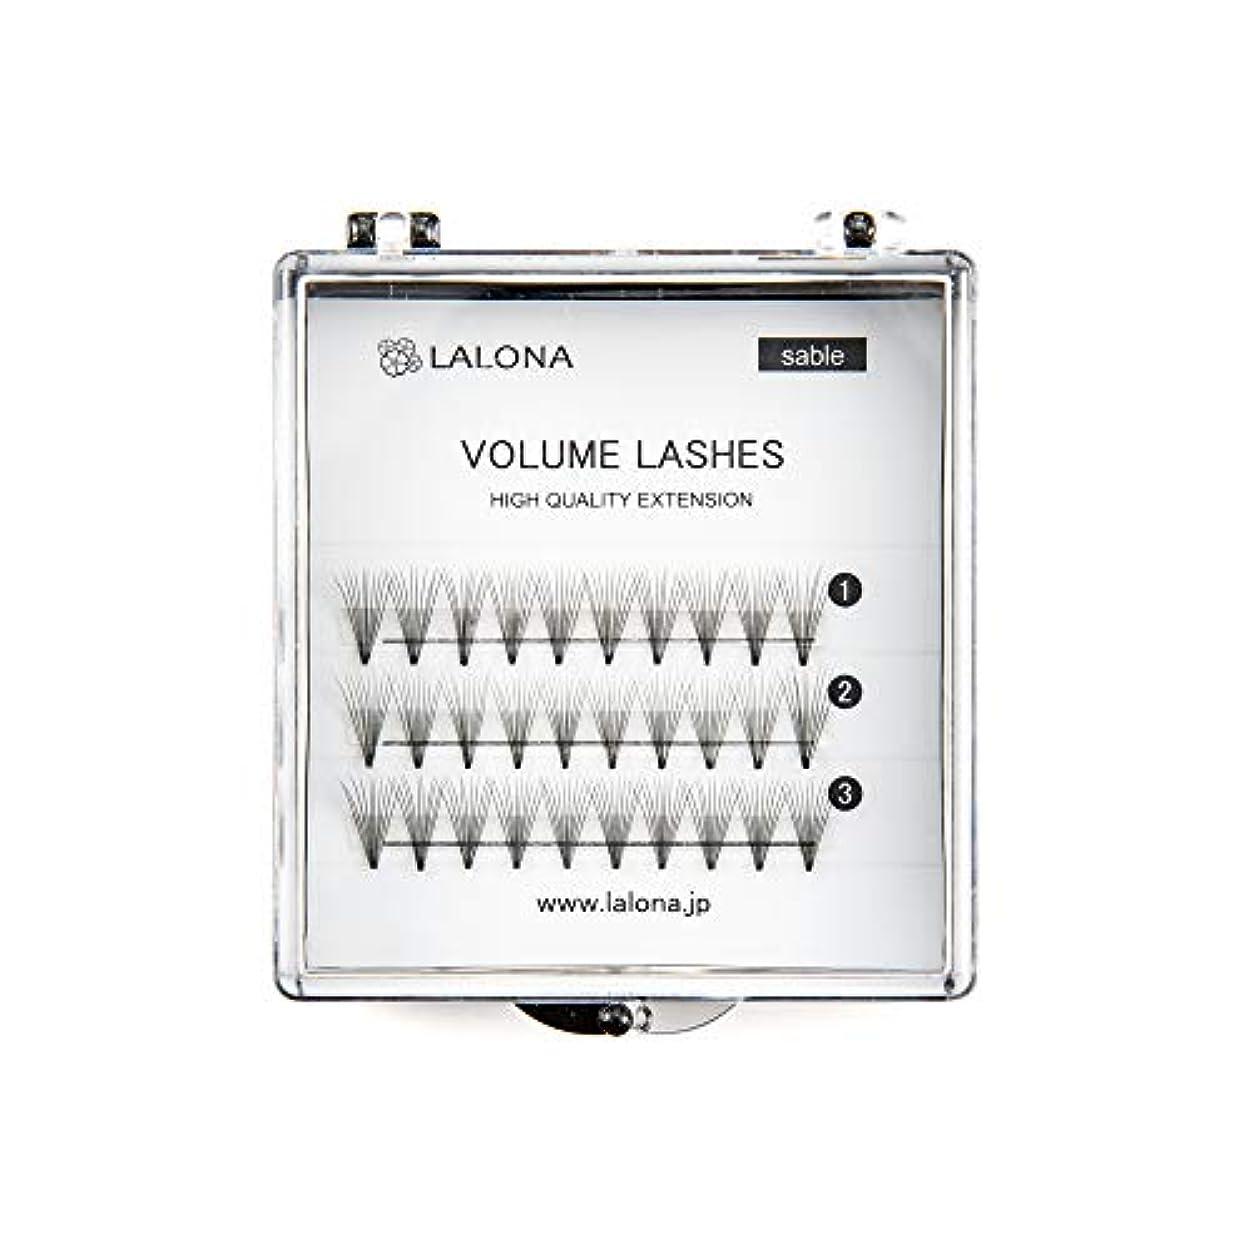 宇宙のサイレンあたりLALONA [ ラローナ ] ボリュームラッシュ (10D) (30pcs) まつげエクステ 10本束 フレアラッシュ まつエク 束まつげ セーブル (Dカール / 12mm)